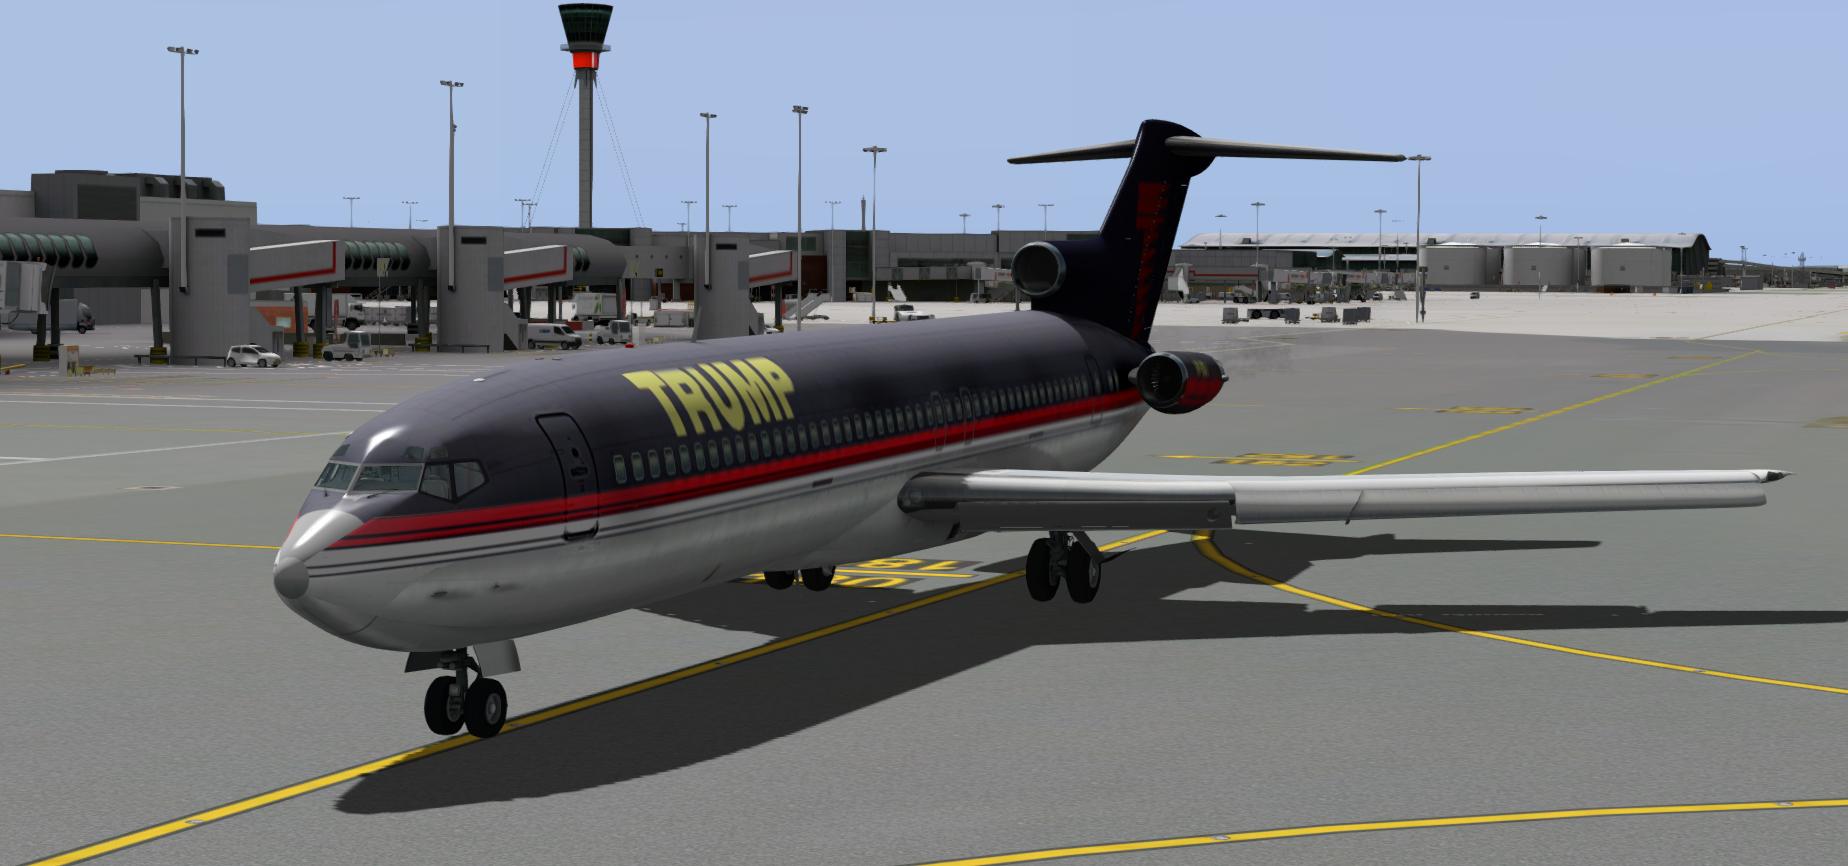 FJS 727 v2